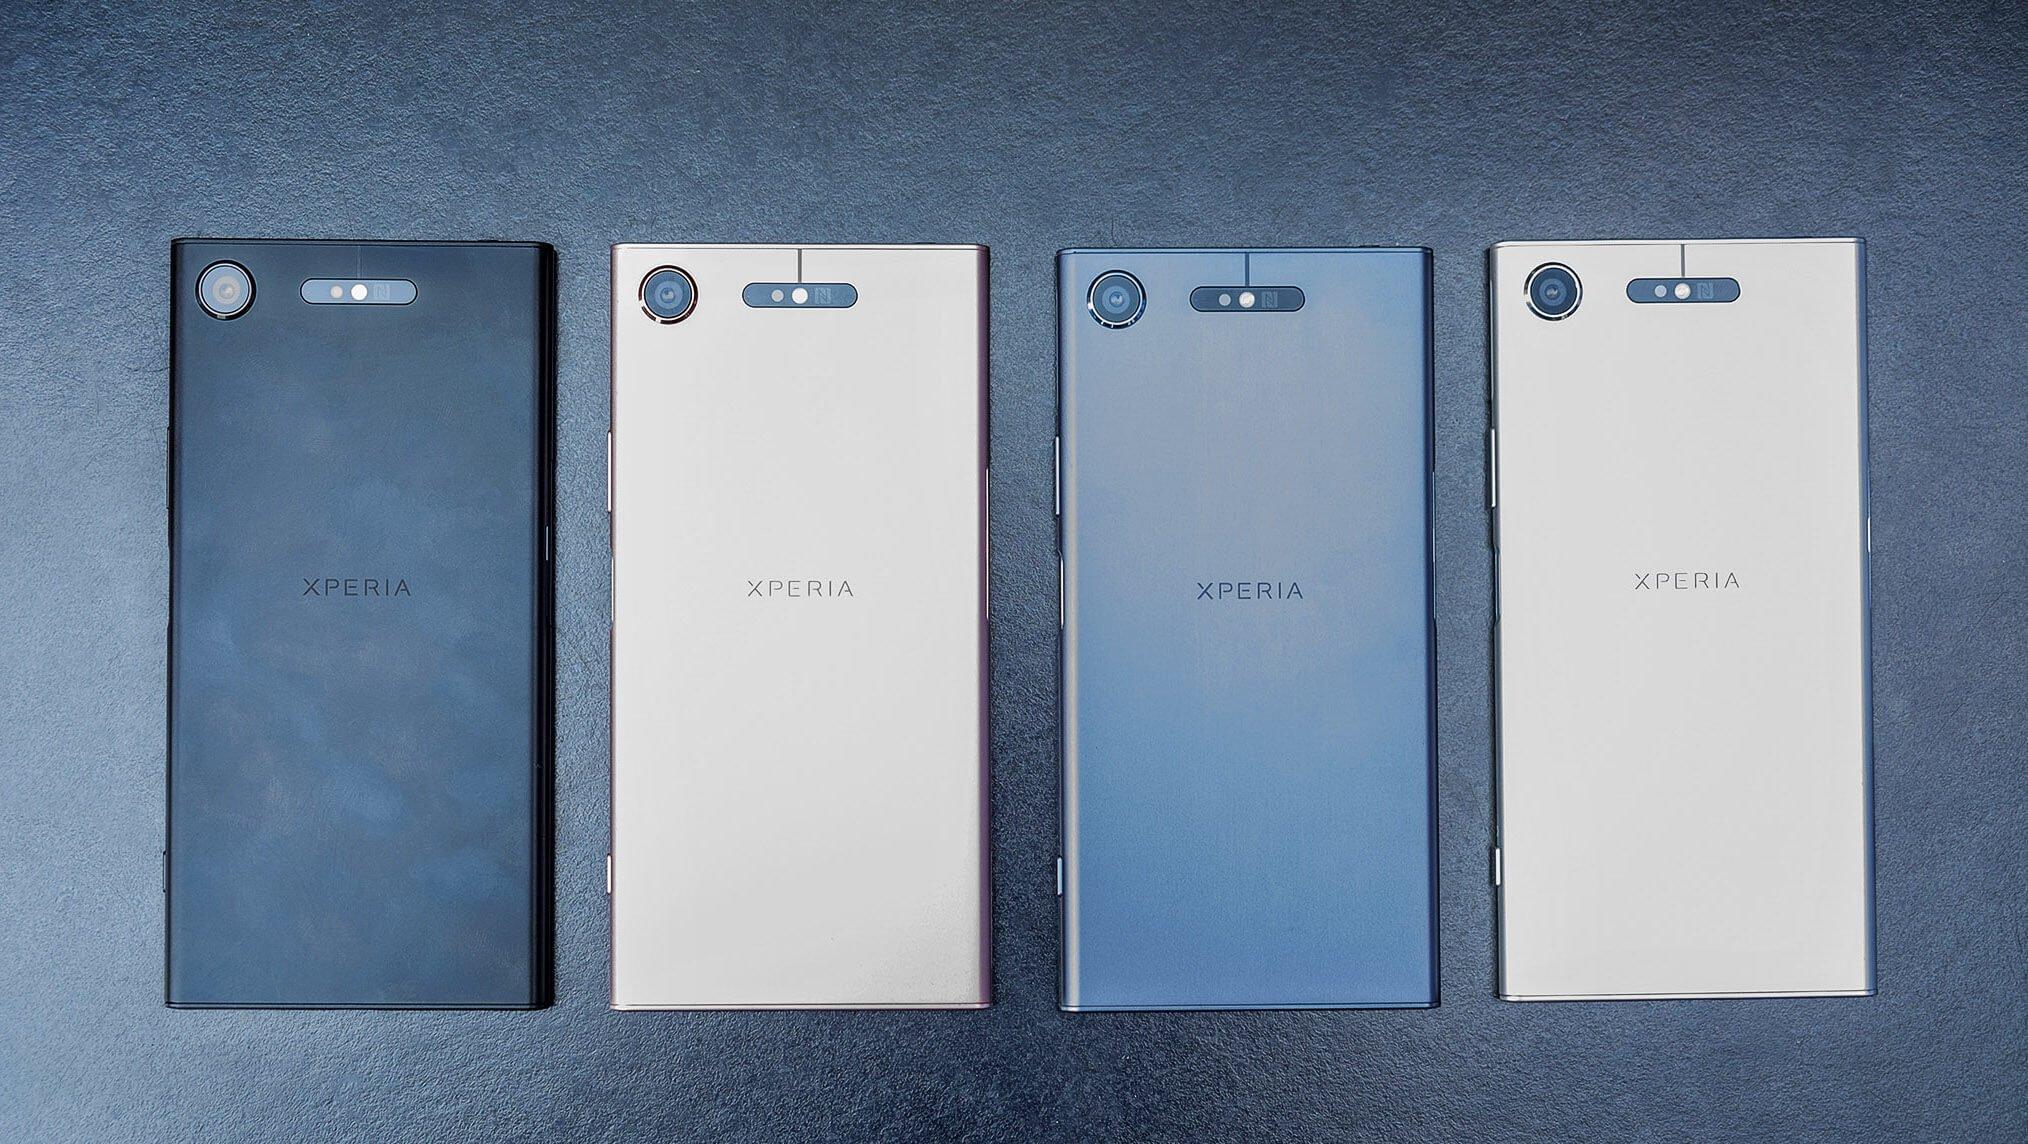 В РФ представили новые мобильные телефоны от Сони